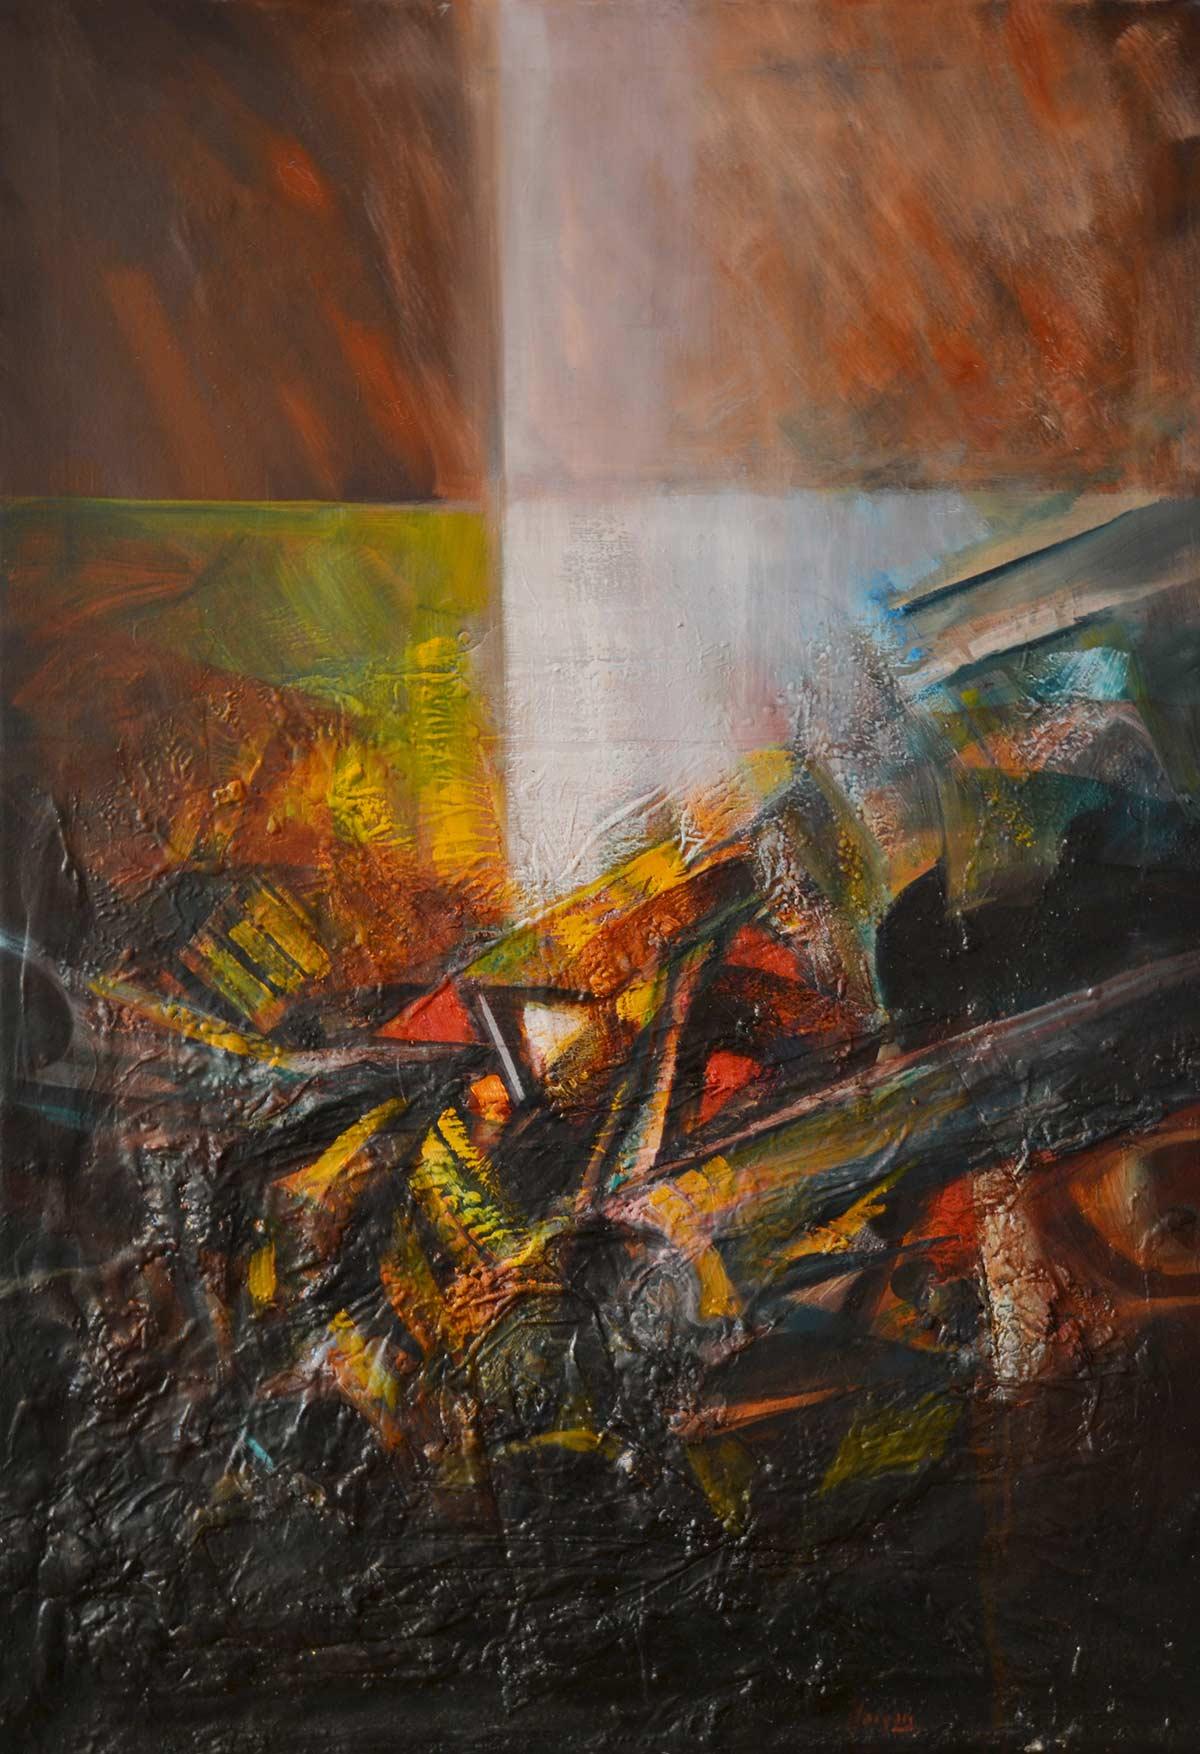 L'attesa del nuovo giorno - Franco Margari - Pittura